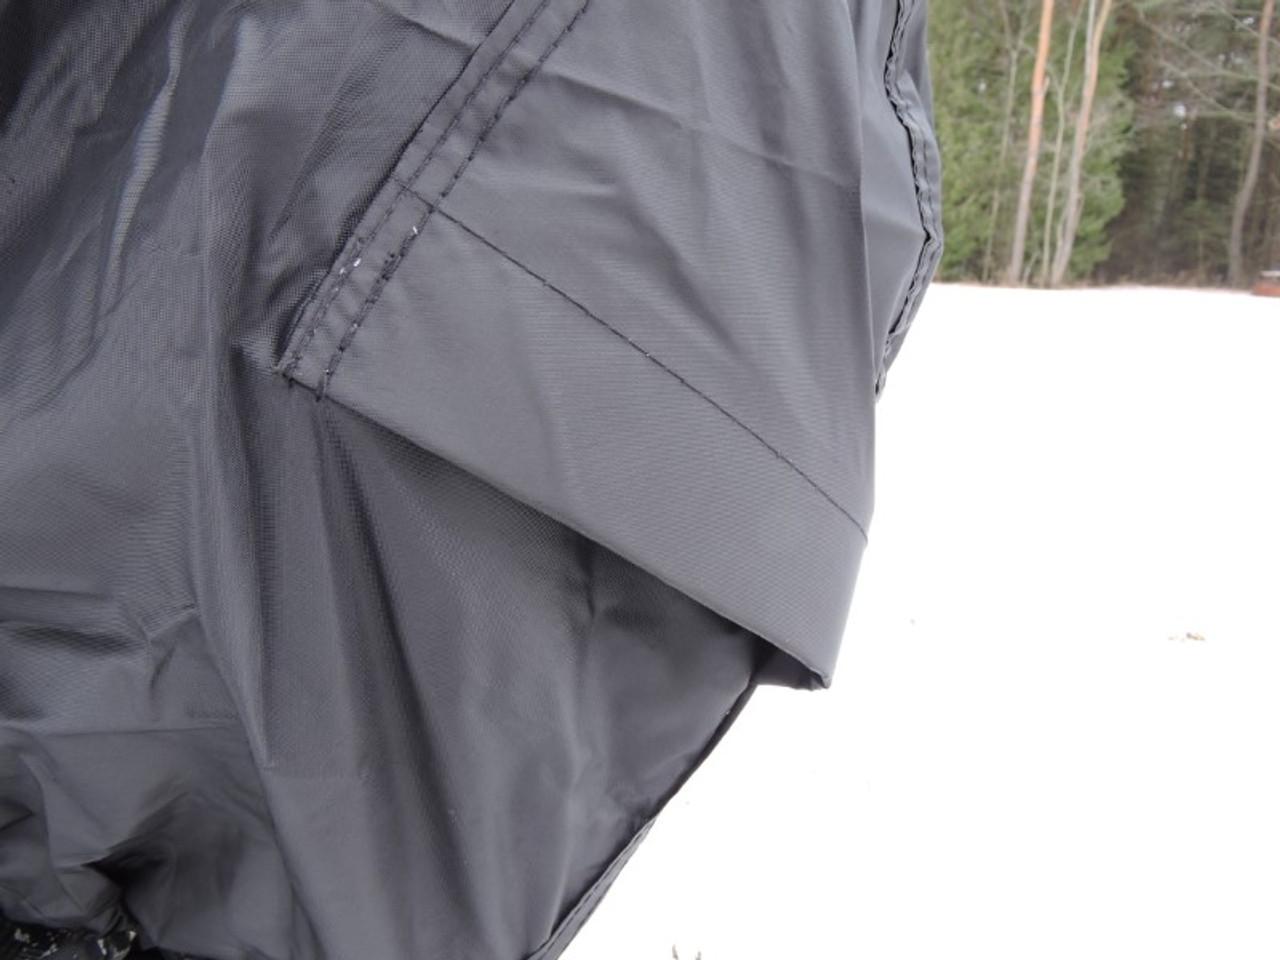 Advantage snowmobile cover rear vents